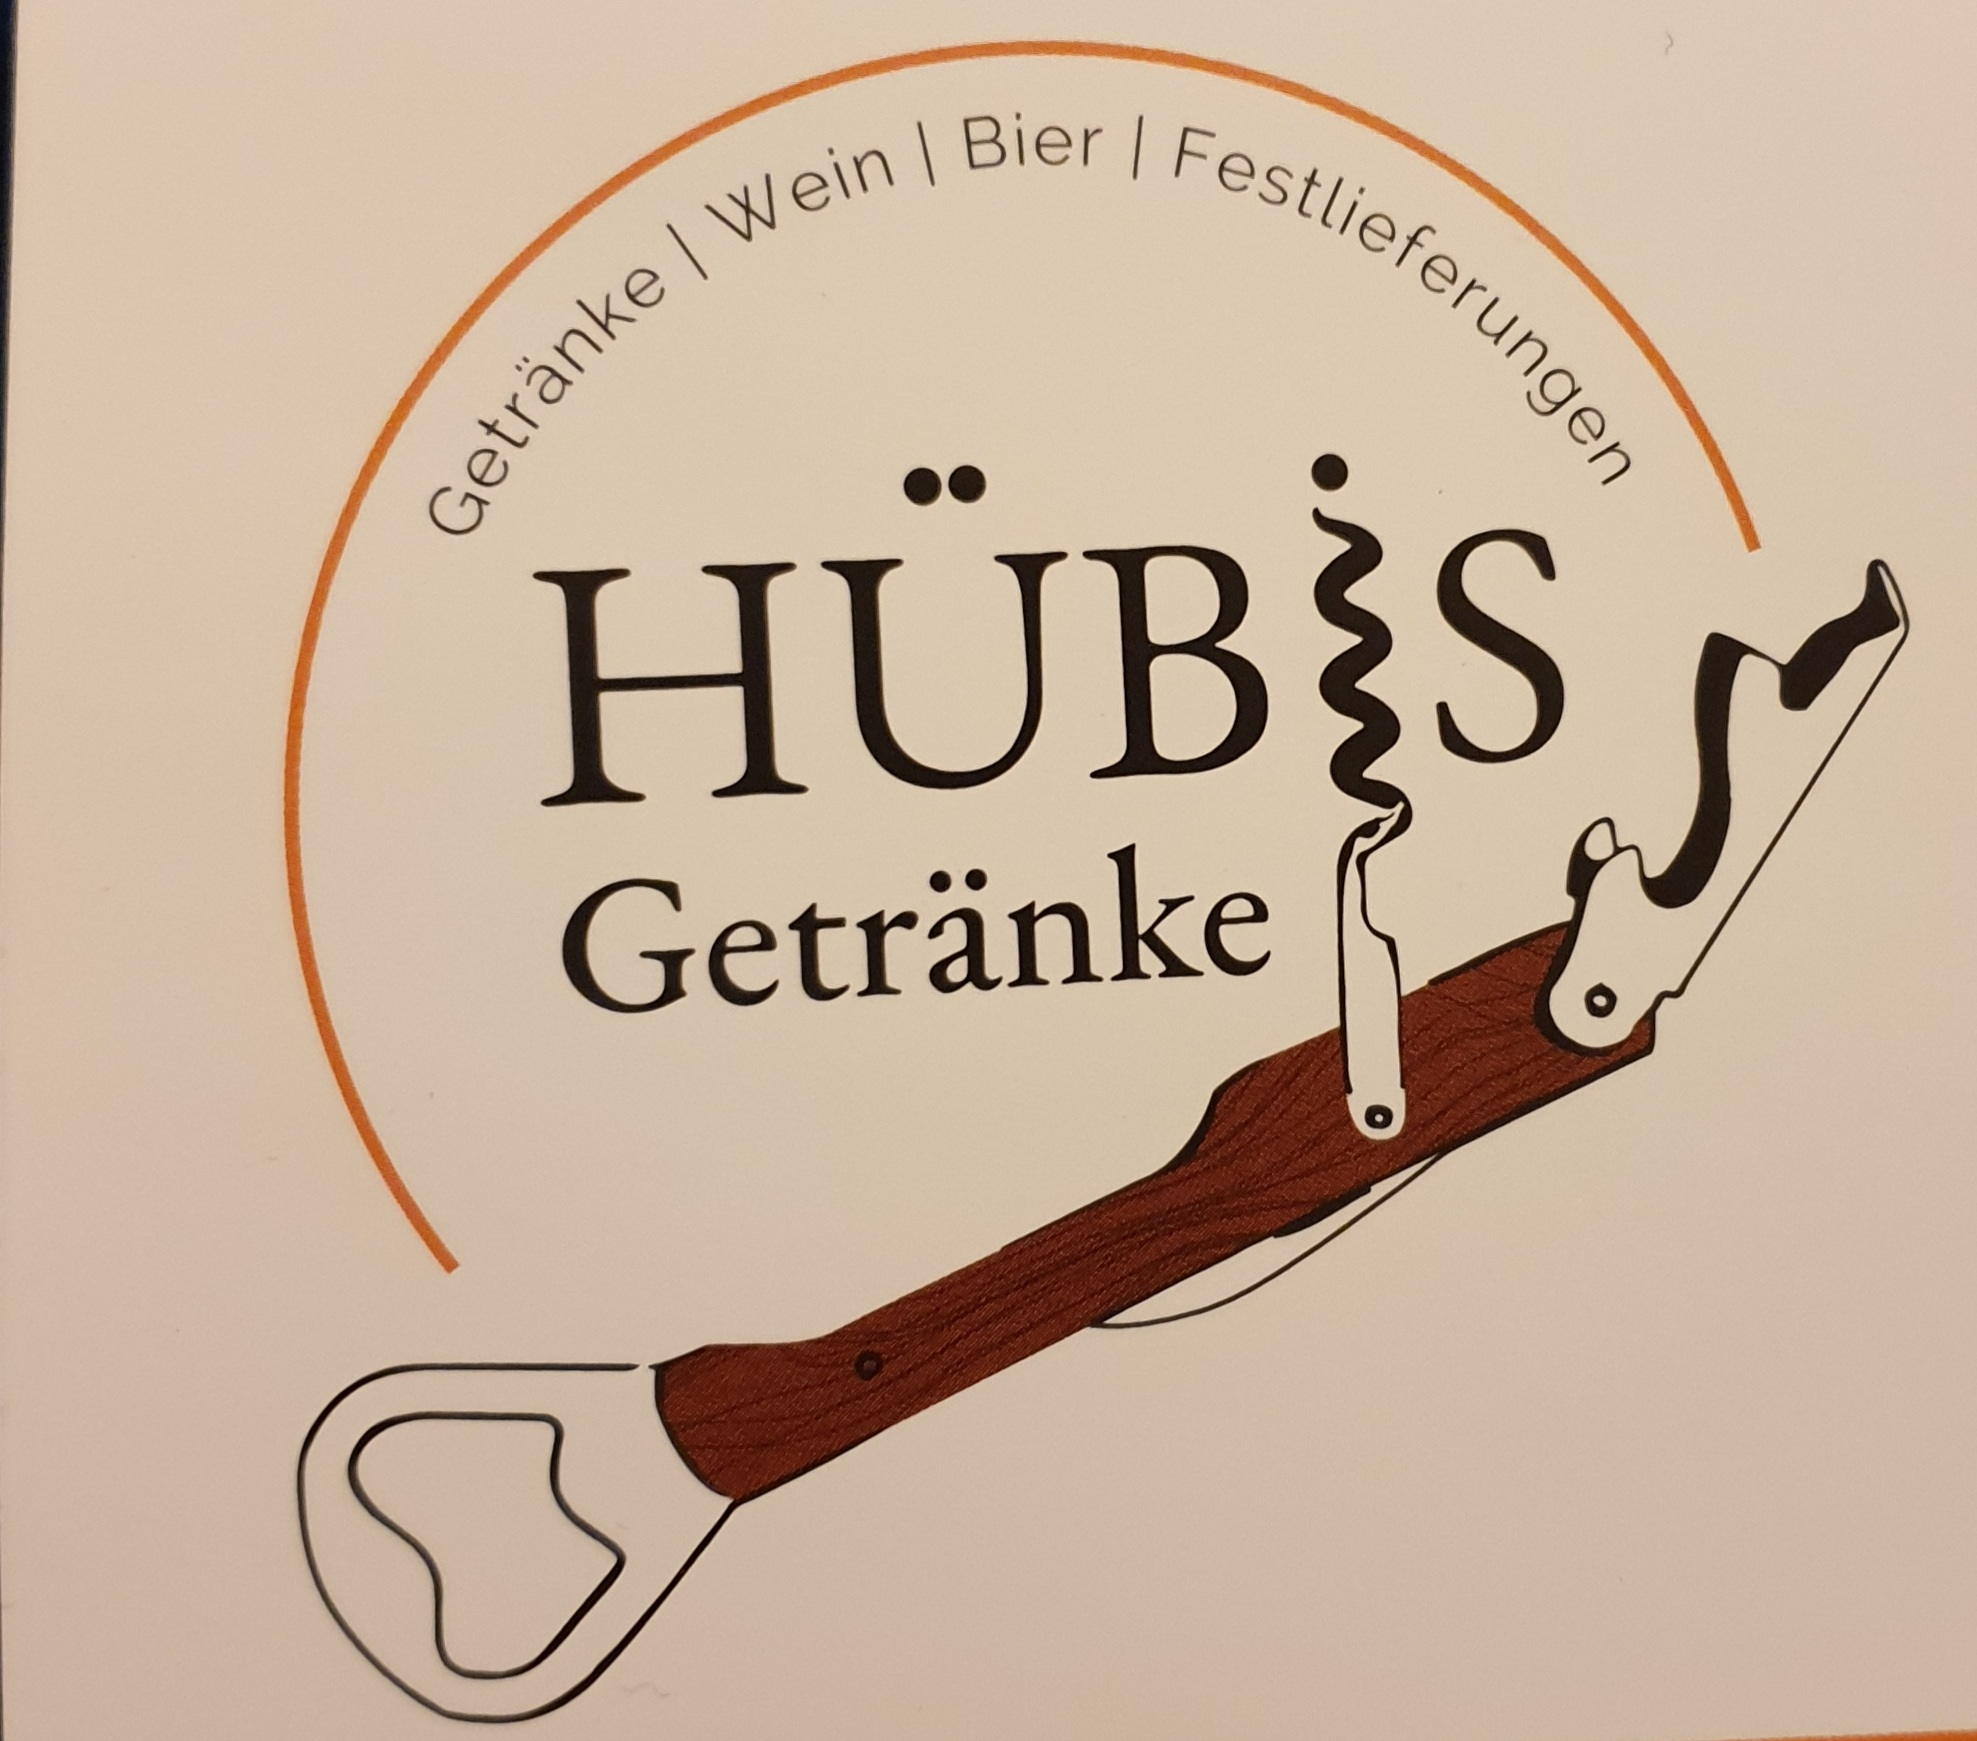 Hübis Getränke GmbH